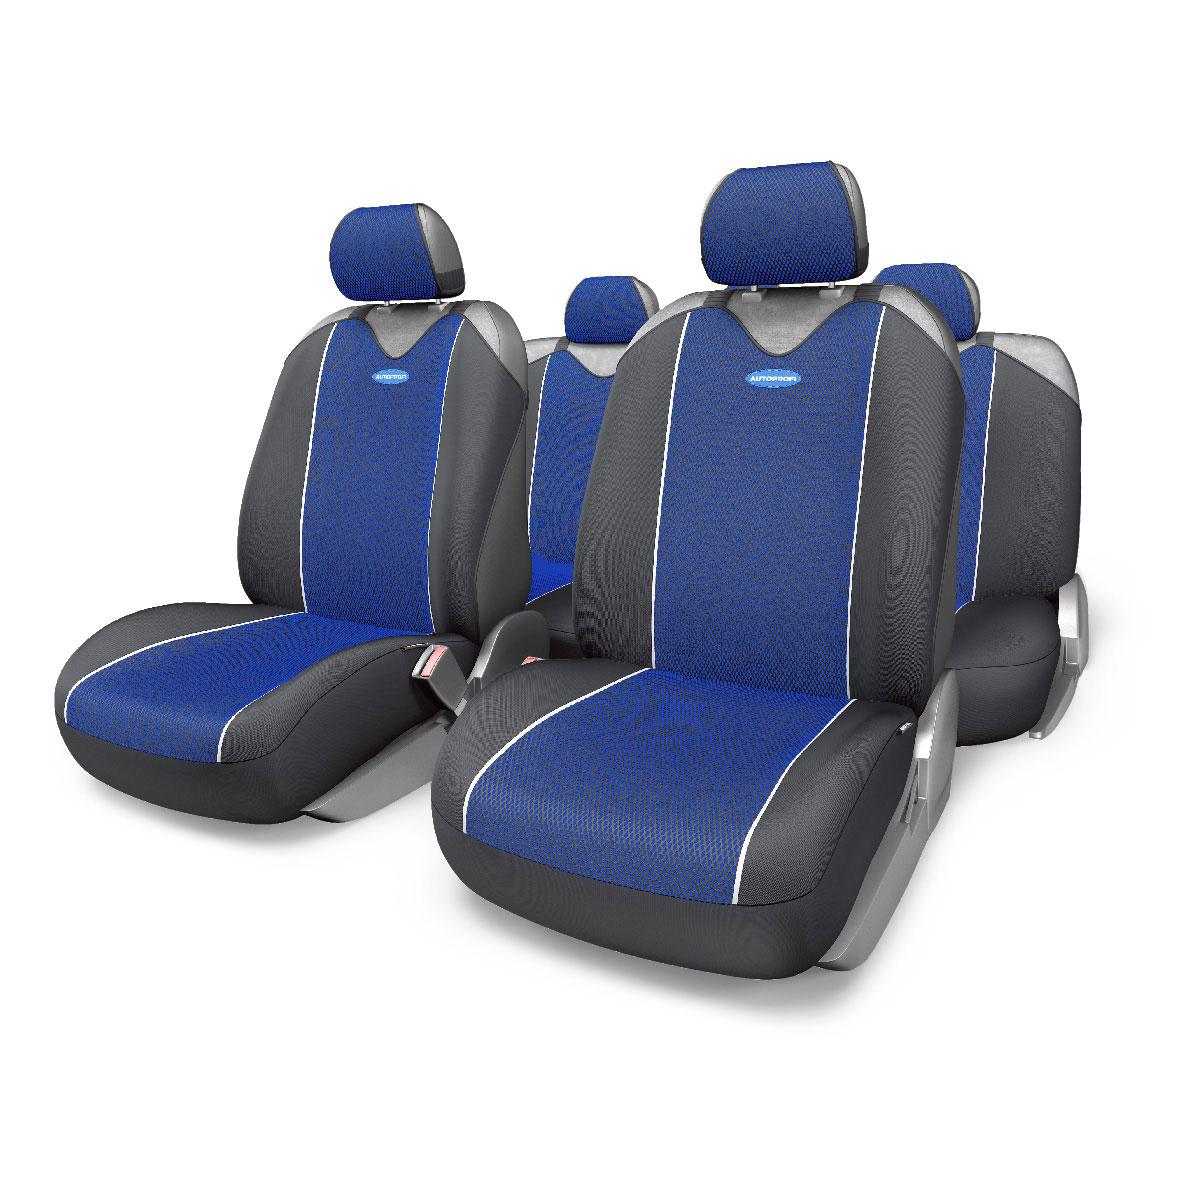 Чехлы-майки Autoprofi Carbon Plus Zippers, цвет: черный, синий, 9 предметовCRB-902PZ BK/BLМодель авточехлов-маек Autoprofi Carbon Plus Zippers, выполненных из полиэстера, отличается полностью закрытой нижней частью сидений, которая добавляет им практичности и износостойкости. При этом чехлы быстро и без усилий надеваются на кресла, не требуя демонтажа подголовников или подлокотников. В креслах заднего ряда 6 молний. Эластичный материал позволяет использовать чехлы на сиденьях любого типа. Визуально полиэстер изделий в точности повторяет переливающийся рисунок настоящего карбона и придает чехлам респектабельный вид. Для автомобиля, чей экстерьер или салон оснащены карбоновыми деталями, чехлы Autoprofi Carbon Plus являются наиболее гармоничным дополнением. Комплектация: 2 чехла кресел переднего ряда, 1 спинка заднего ряда, 1 сиденье заднего ряда, 5 подголовников. Толщина поролона: 2 мм.